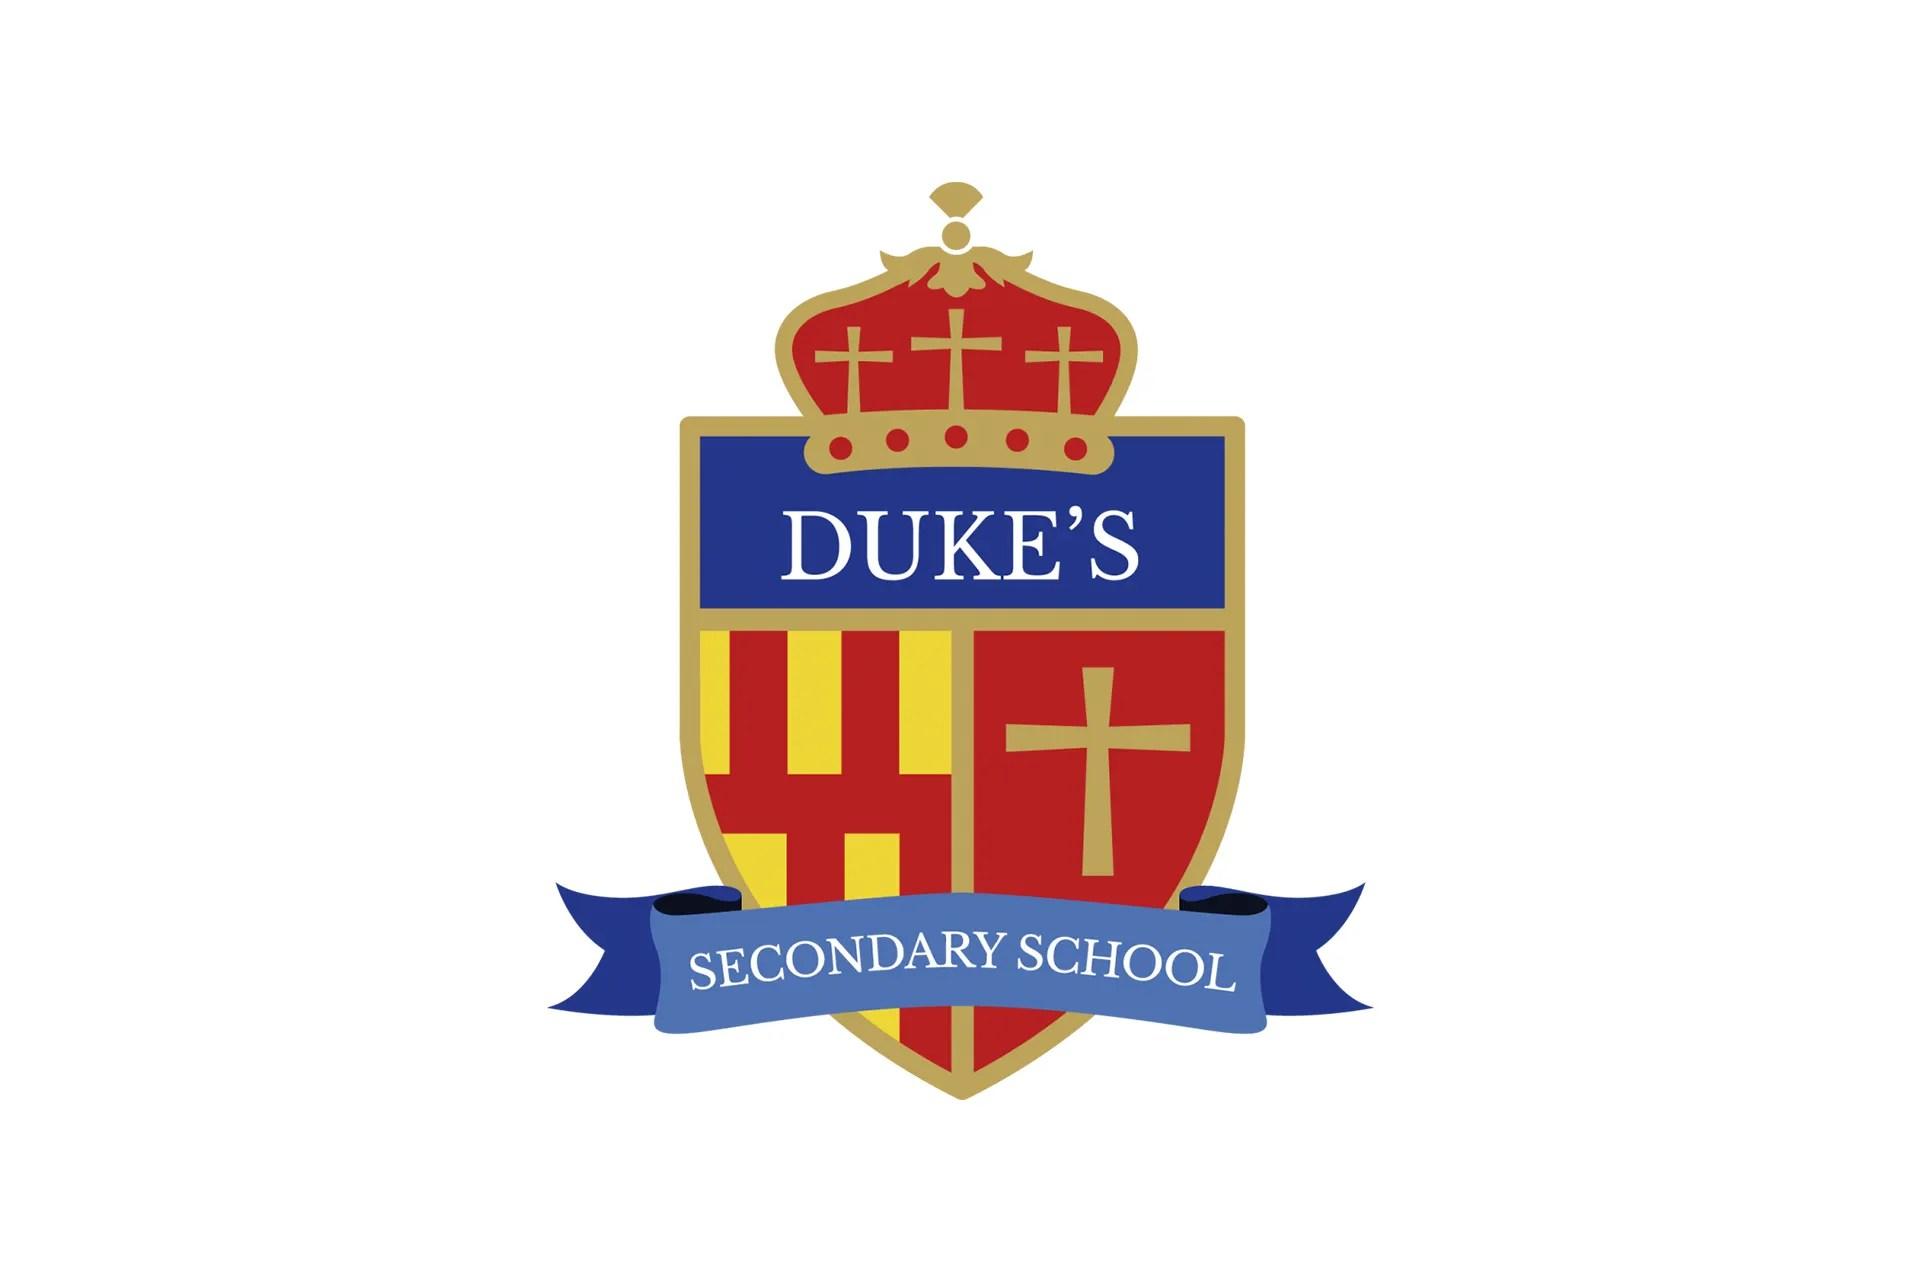 Dukes Secondary School HyGYM Gym equipment